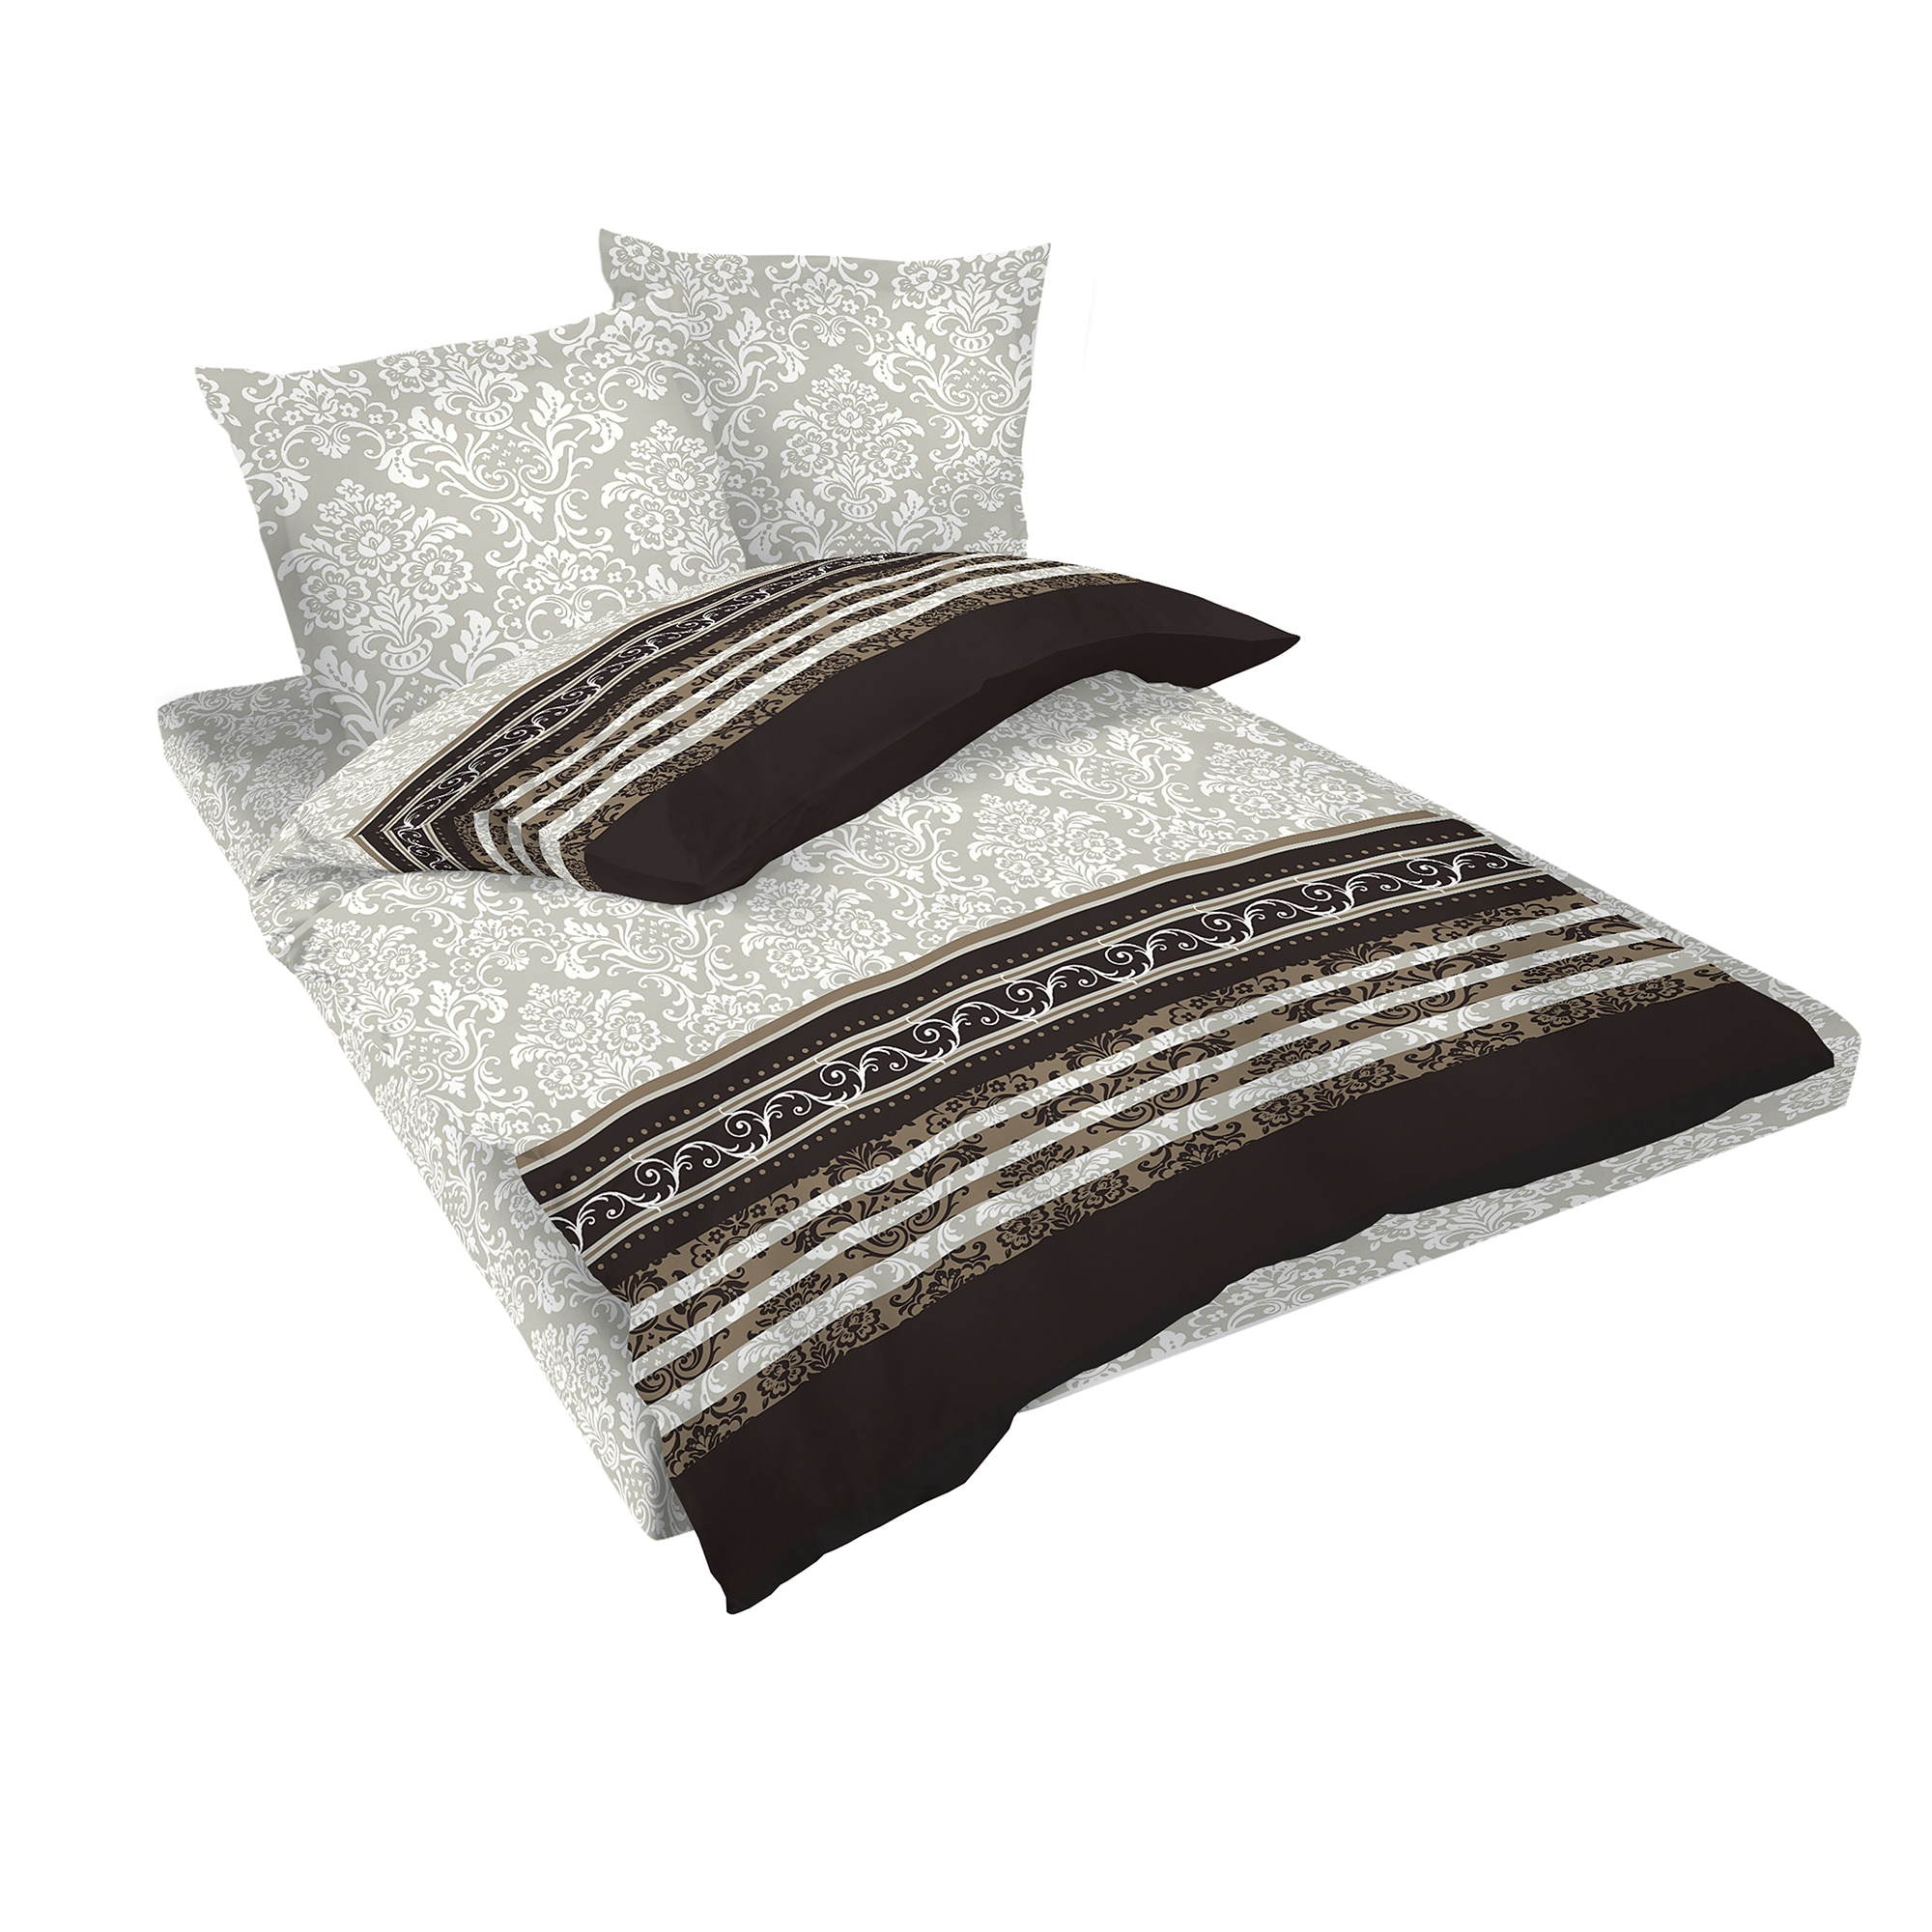 Fotografie Lenjerie de pat Rococo Dilios, pentru 2 persoane, bumbac ranforce, multicolor